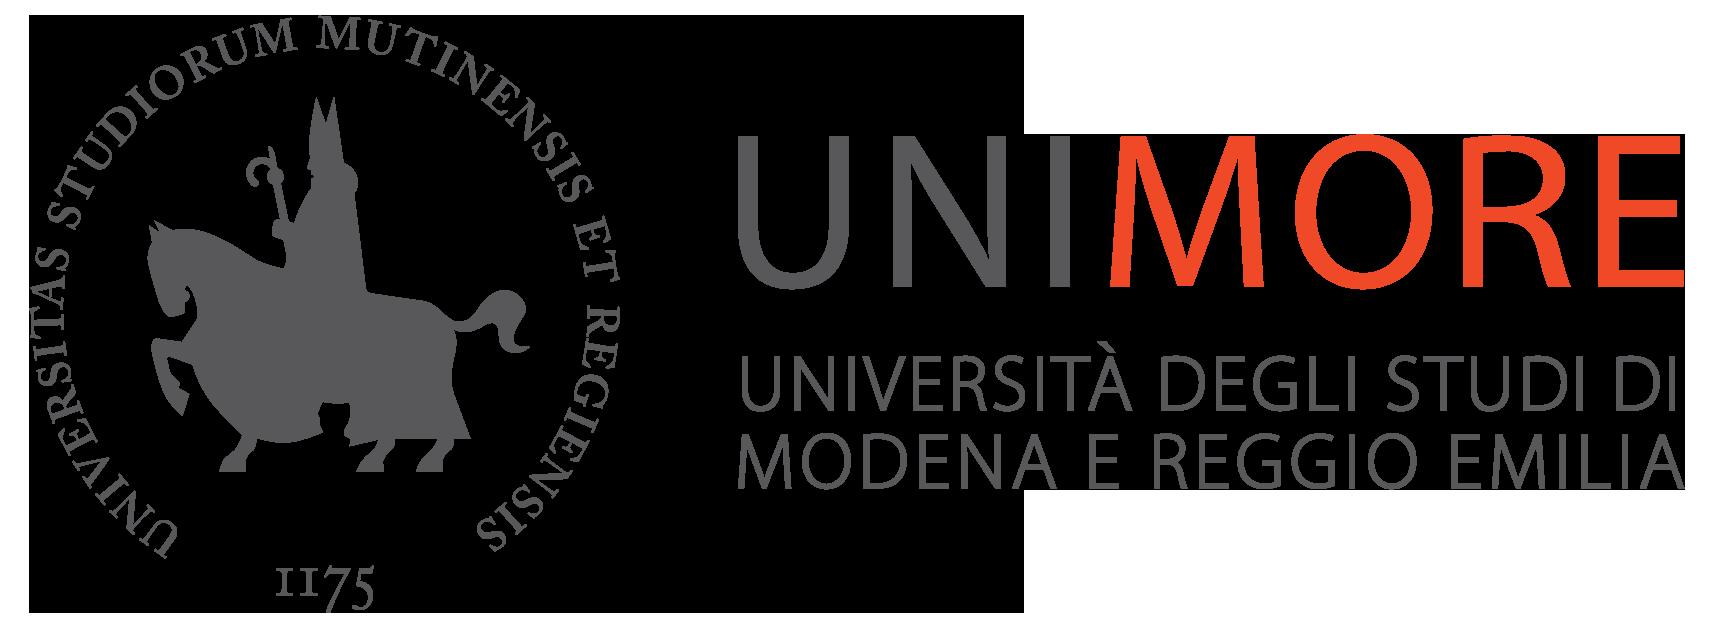 logo_univ_modena_1.png